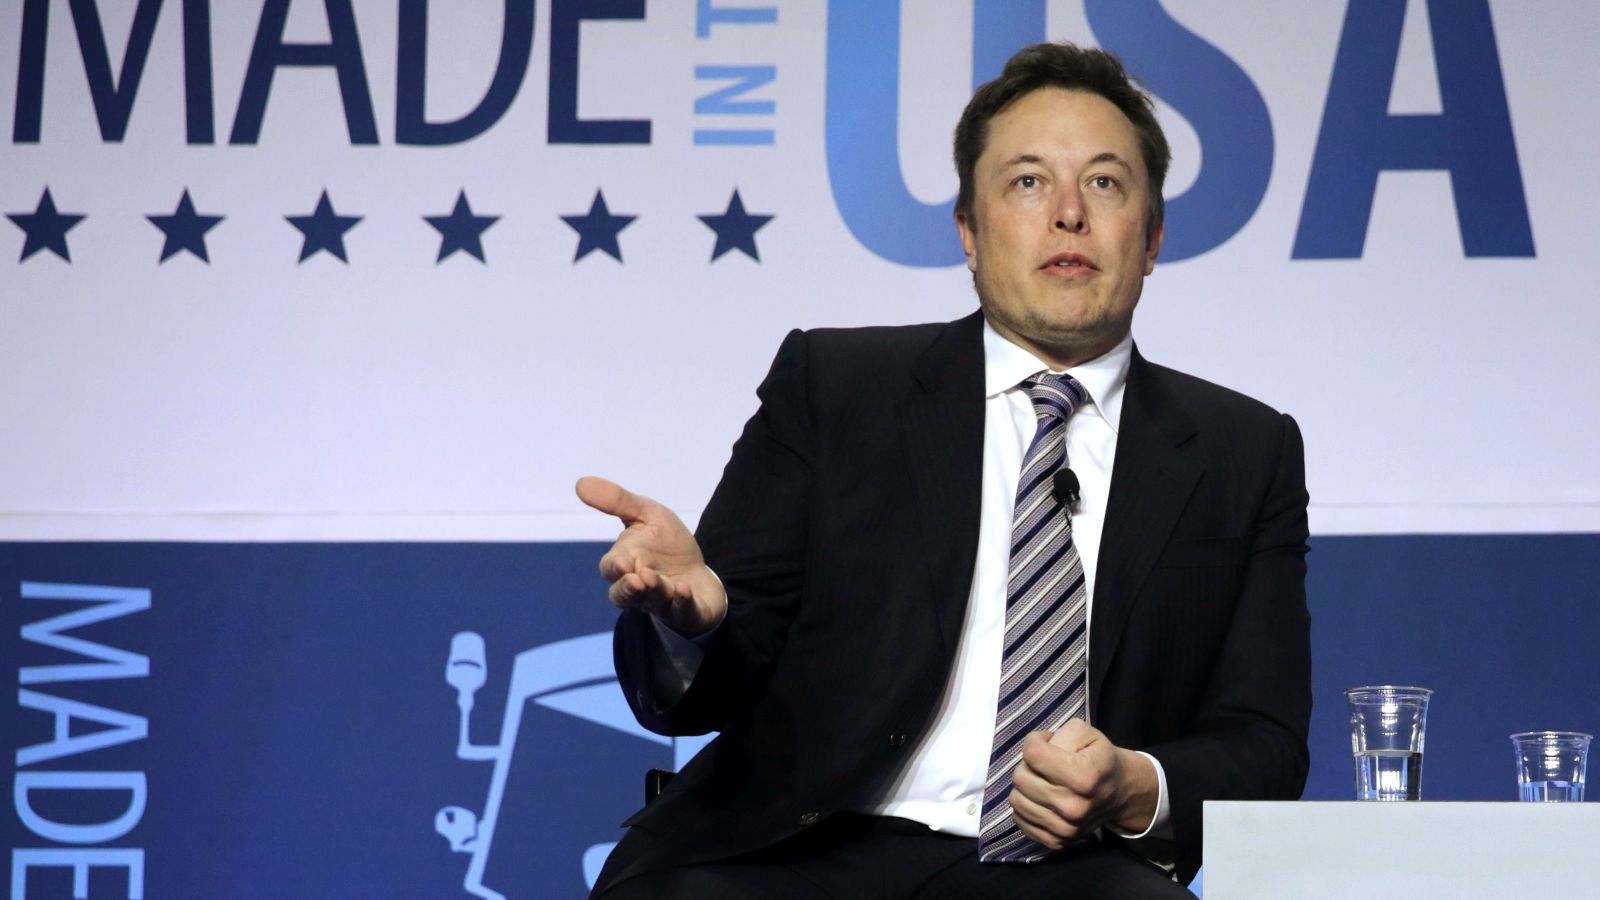 Tesla shares tank after tearful Elon Musk interview freaks people out https://t.co/HITQciYz2b https://t.co/x3wBfrsWXu